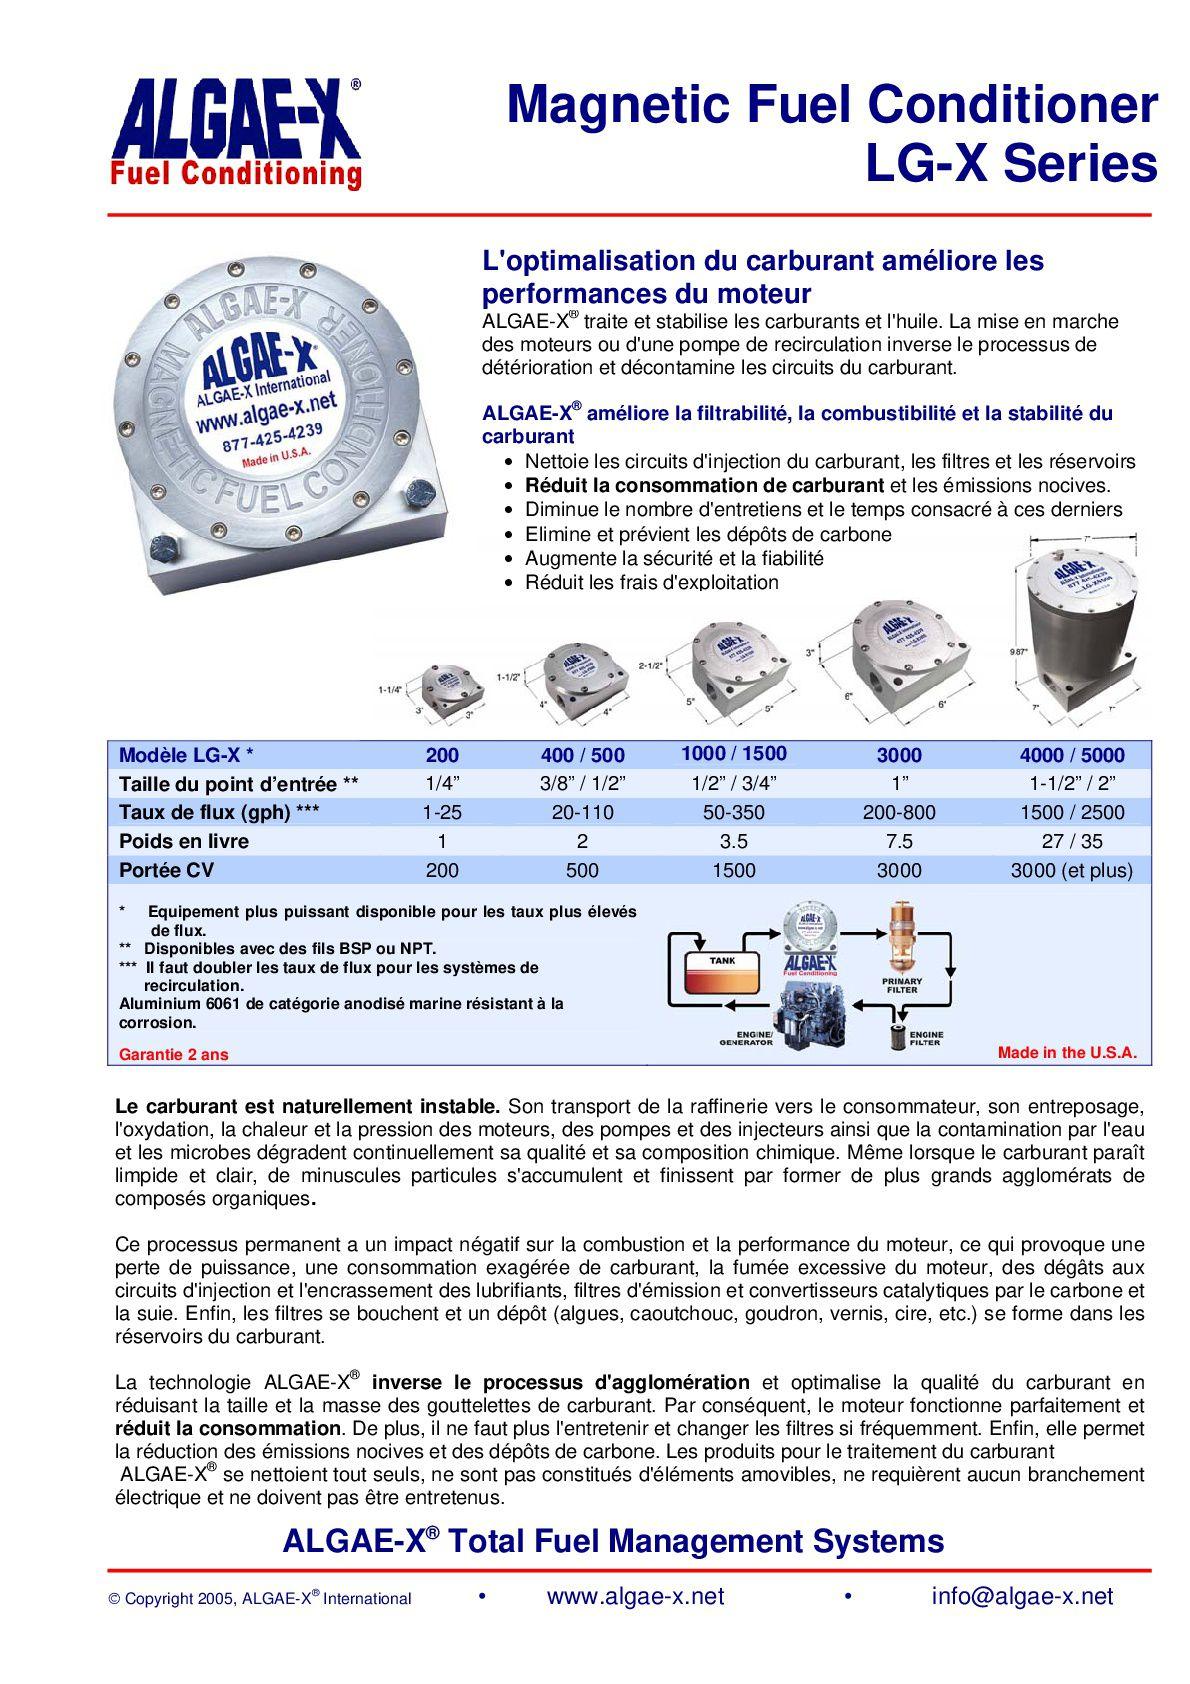 Info sur le conditionneur de gasoil Algae-X.